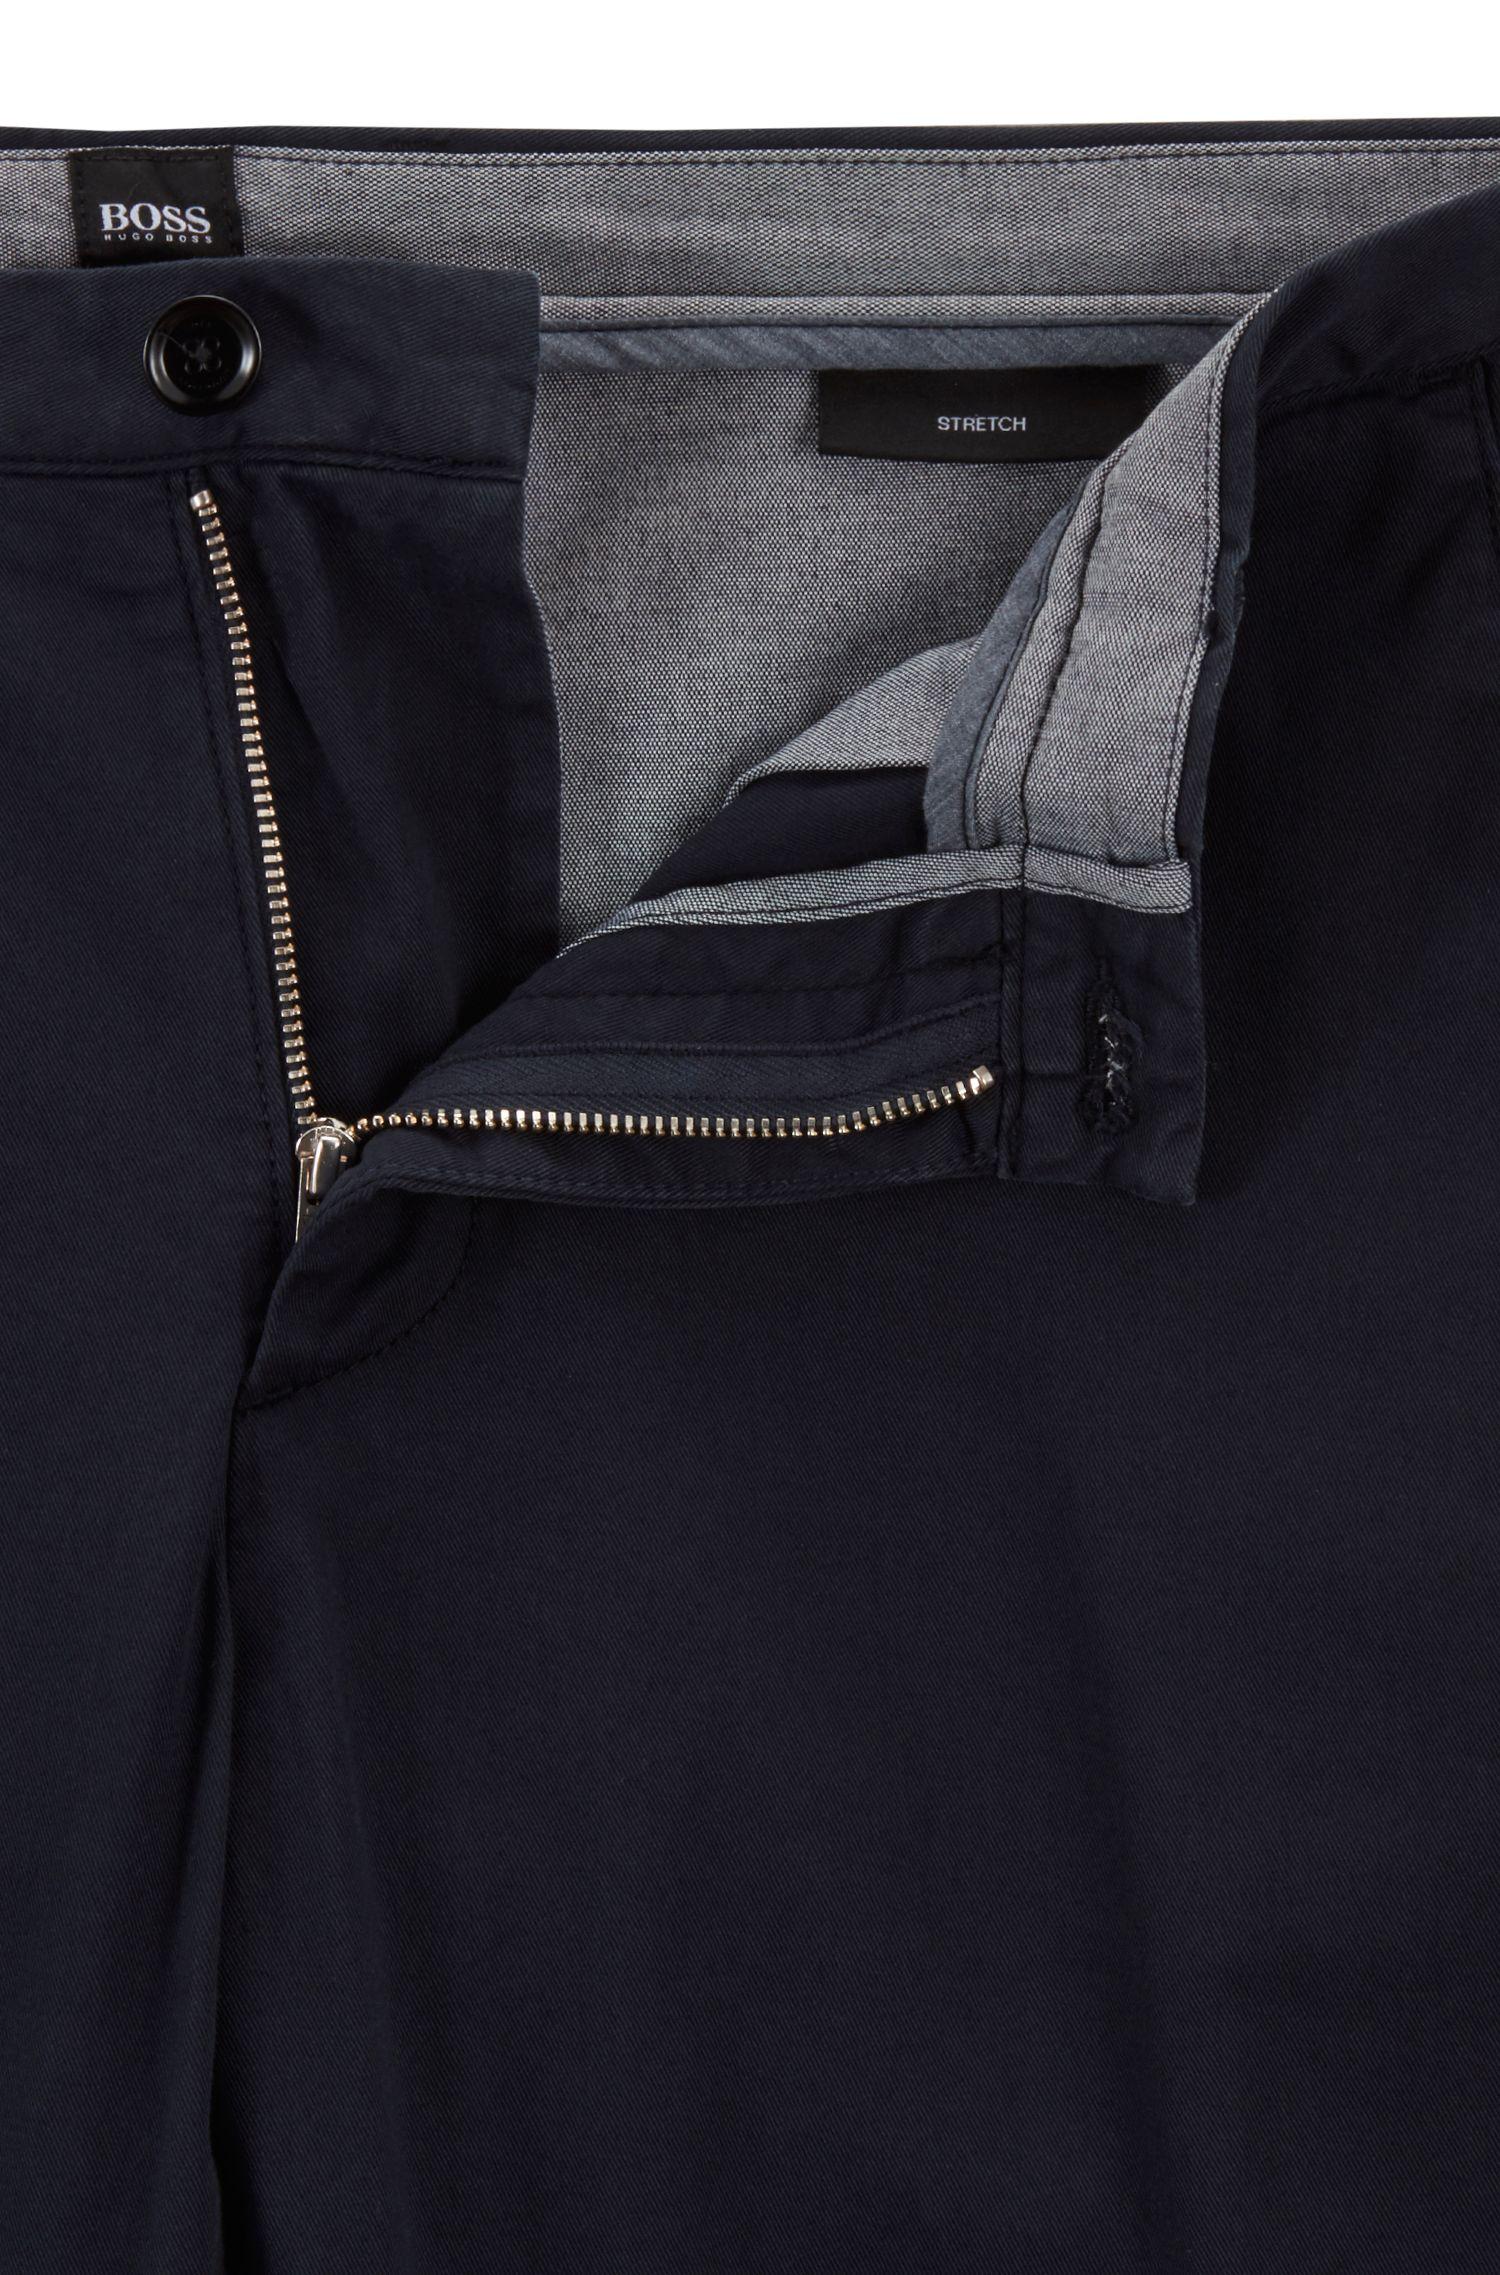 Slim-fit chinos in stretch cotton gabardine, Dark Blue